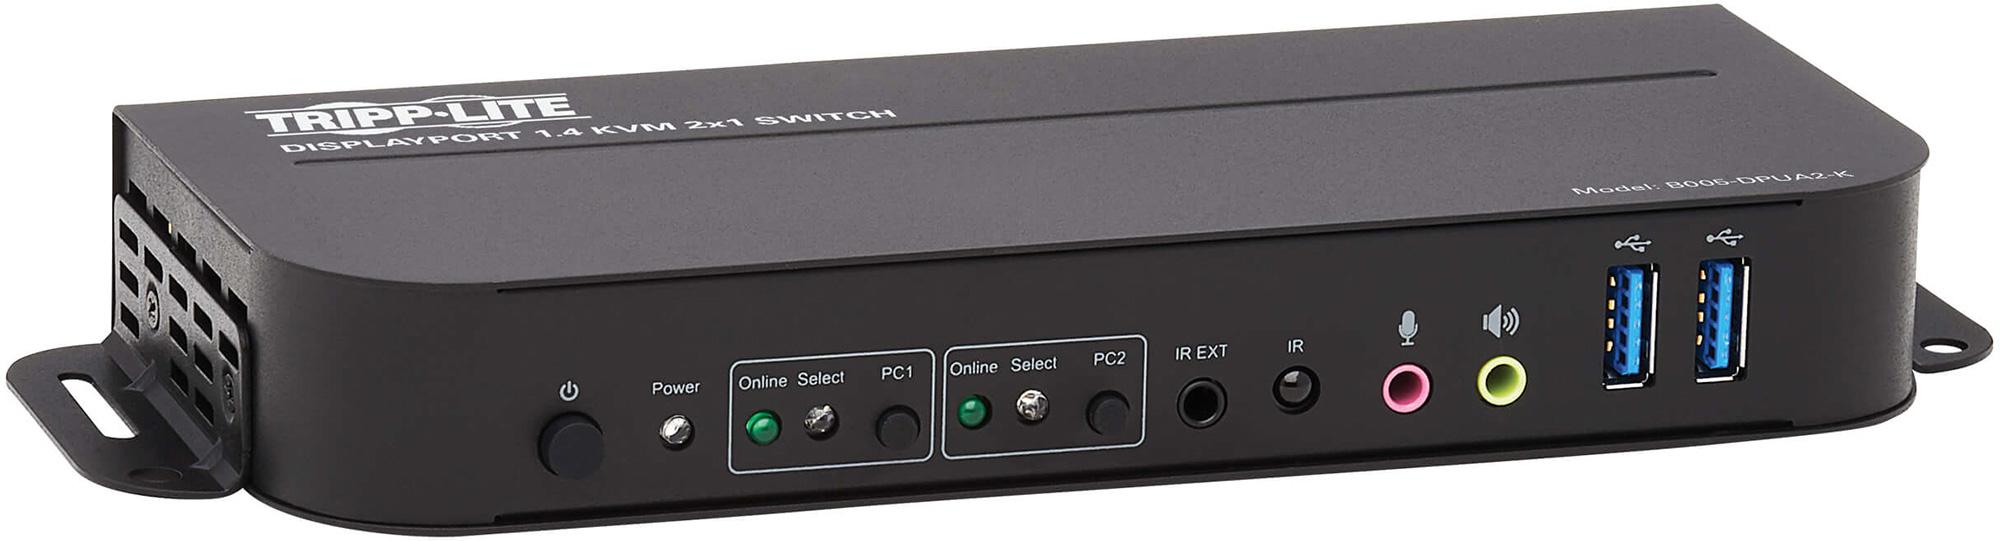 Tripp Lite B005-DPUA2-K DisplayPort USB KVM Switch 2-Port 4K 60Hz HDR DP 1.4 USB Cables TRL-B005-DPUA2-K